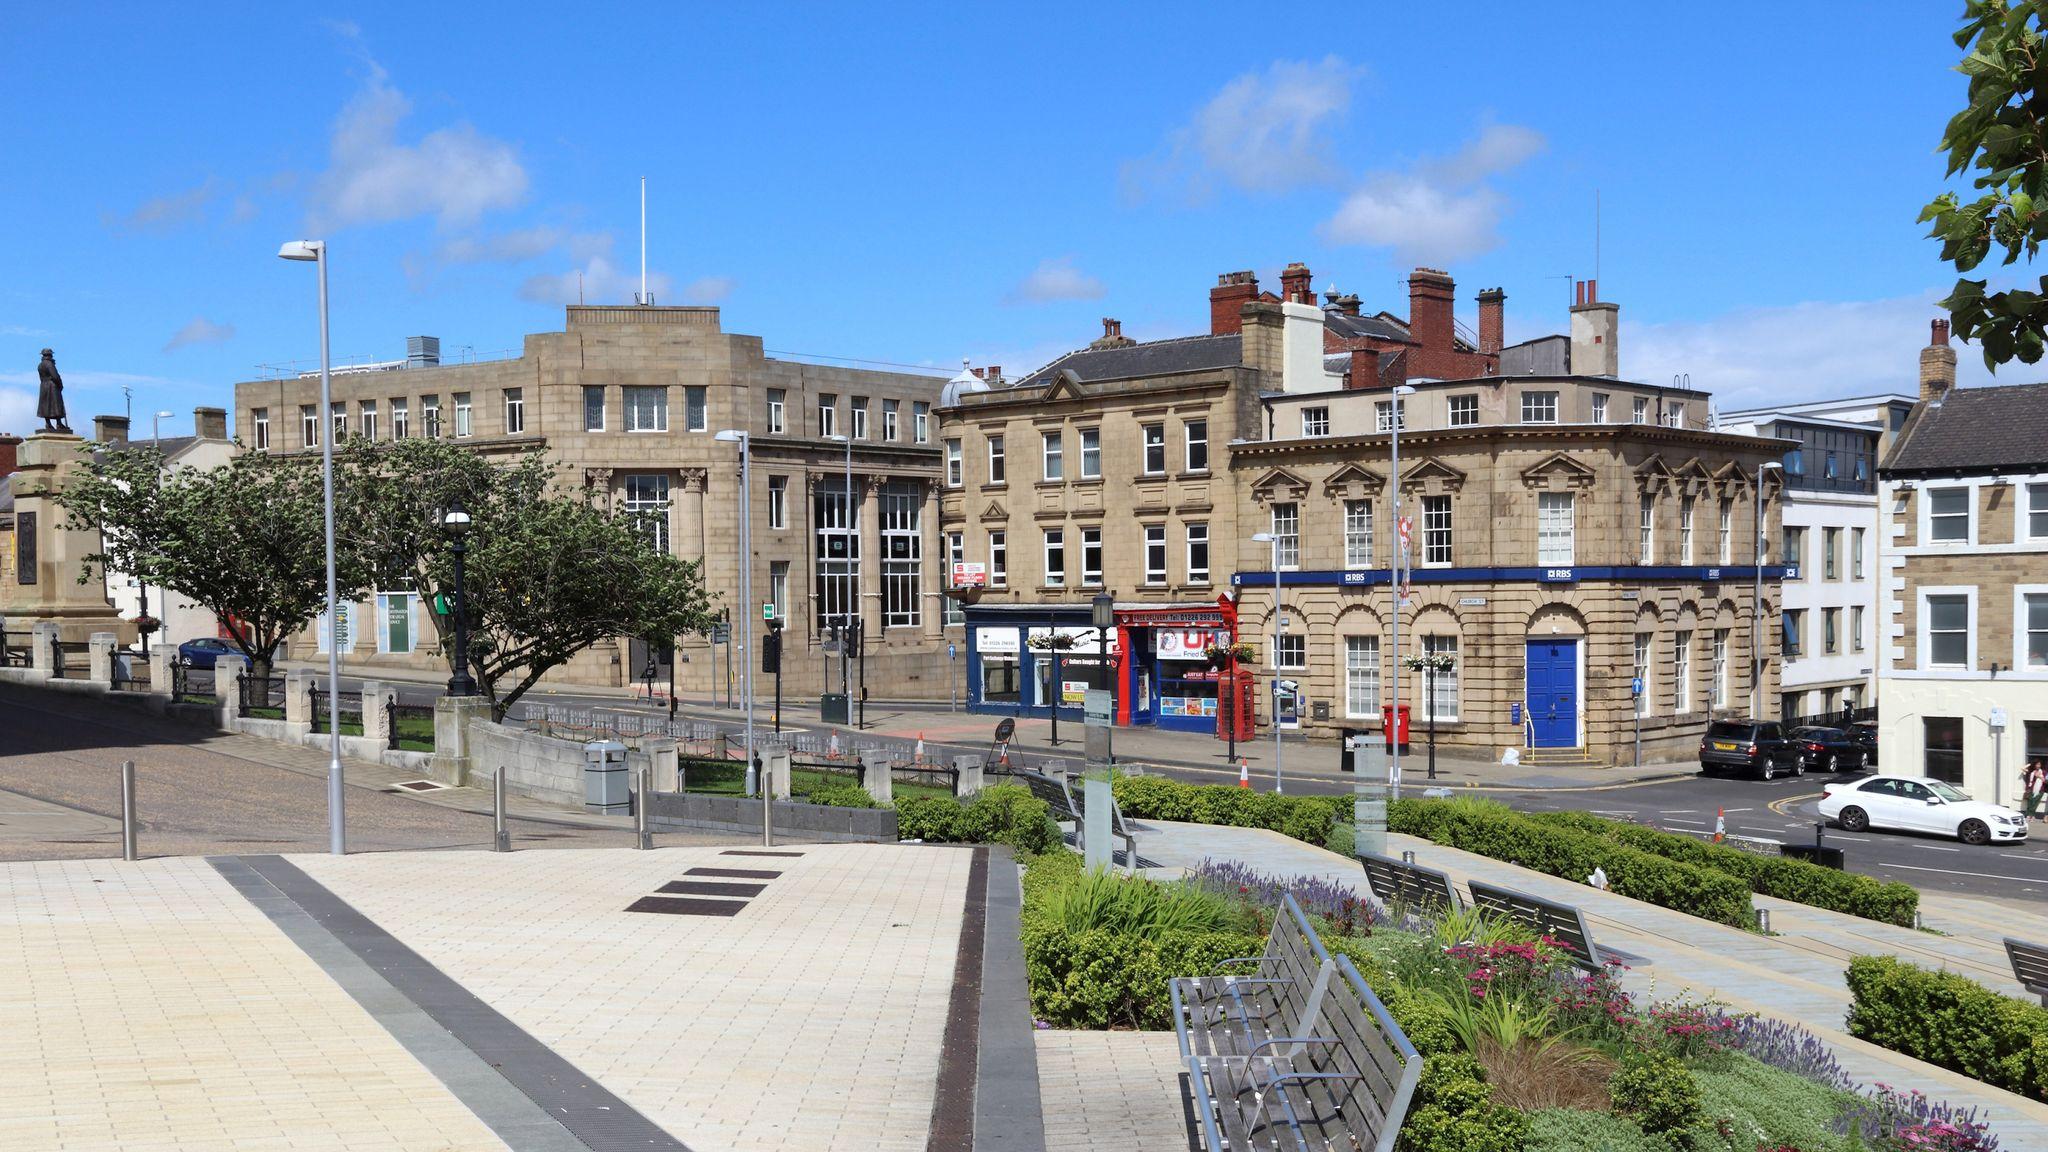 Barnsley CCTV Row Image